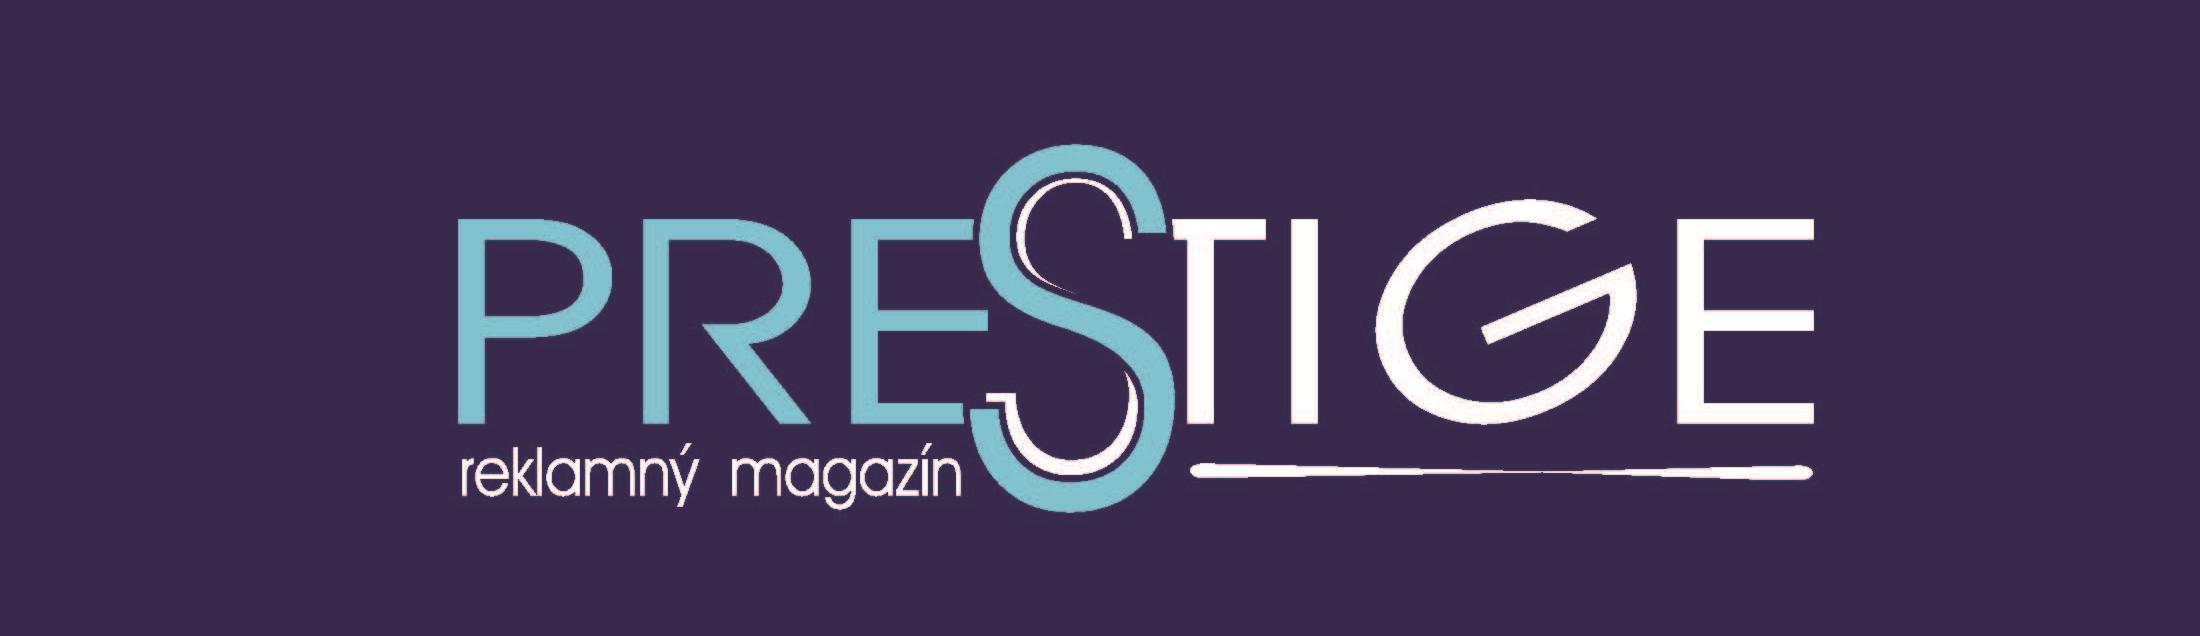 Prestige Magazin